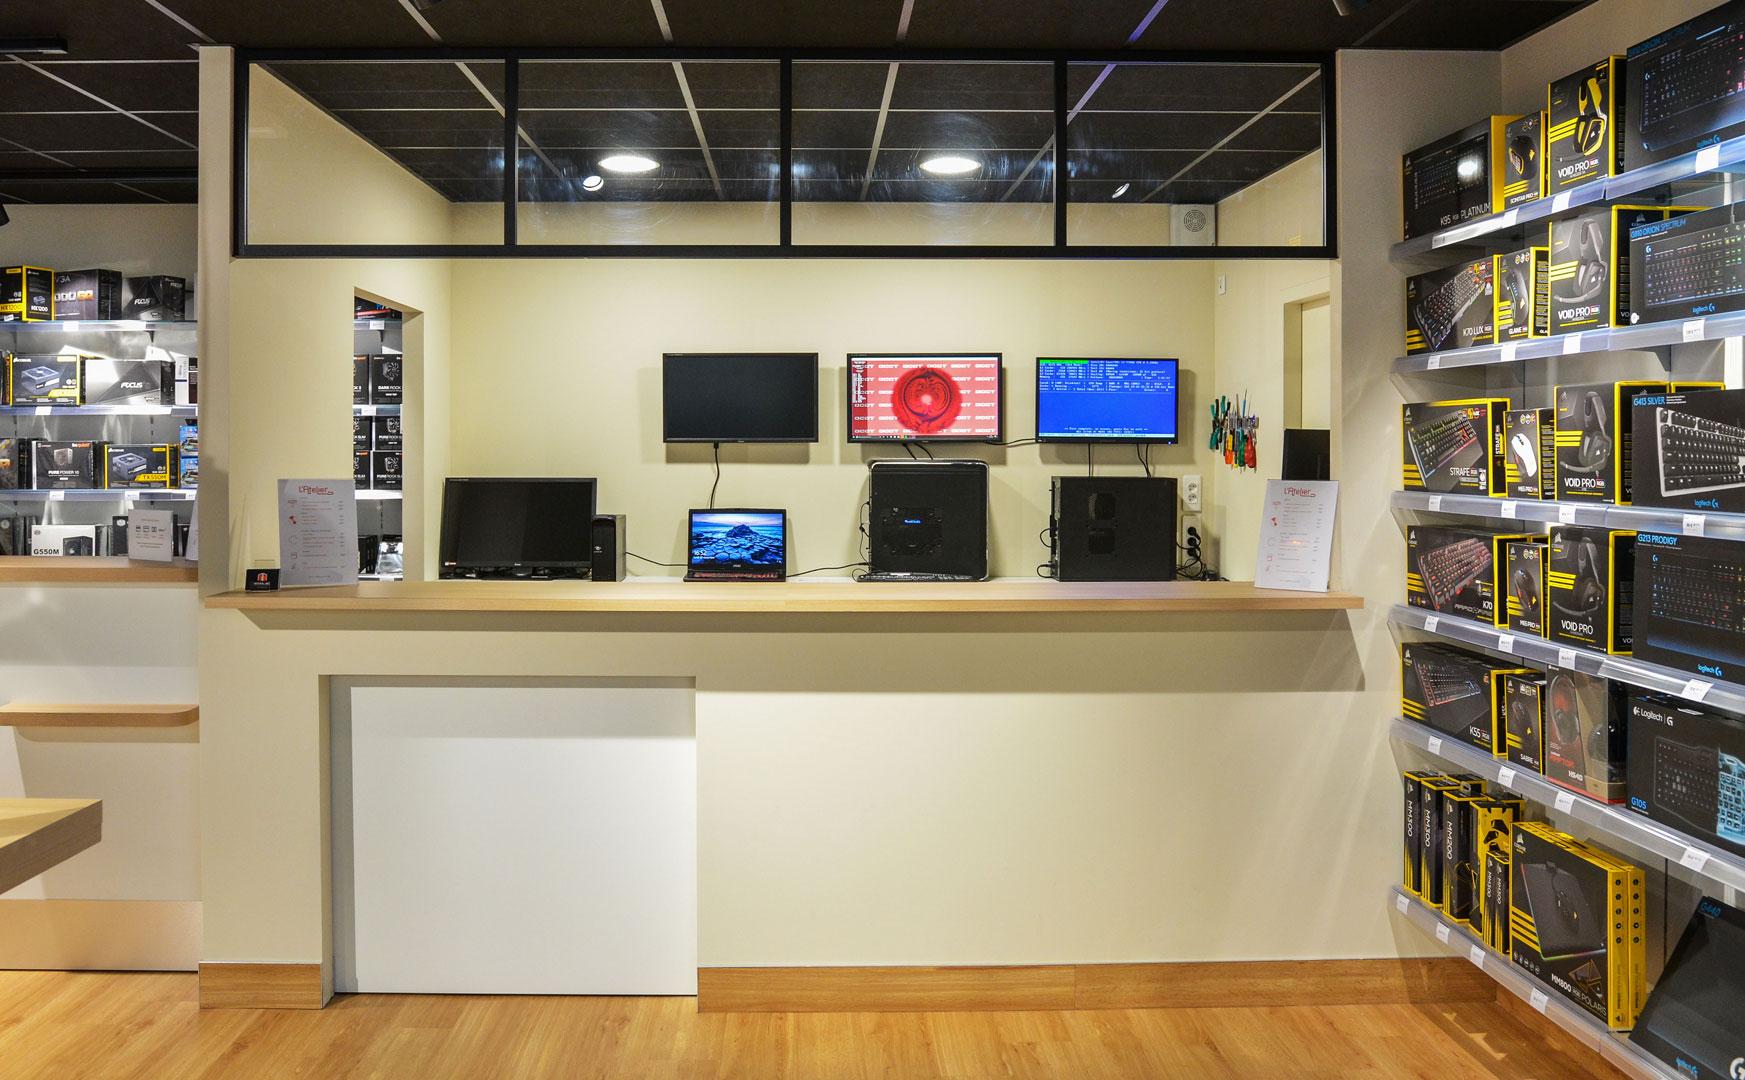 nouveau magasin de bordeaux 100 pc en gironde matblog. Black Bedroom Furniture Sets. Home Design Ideas